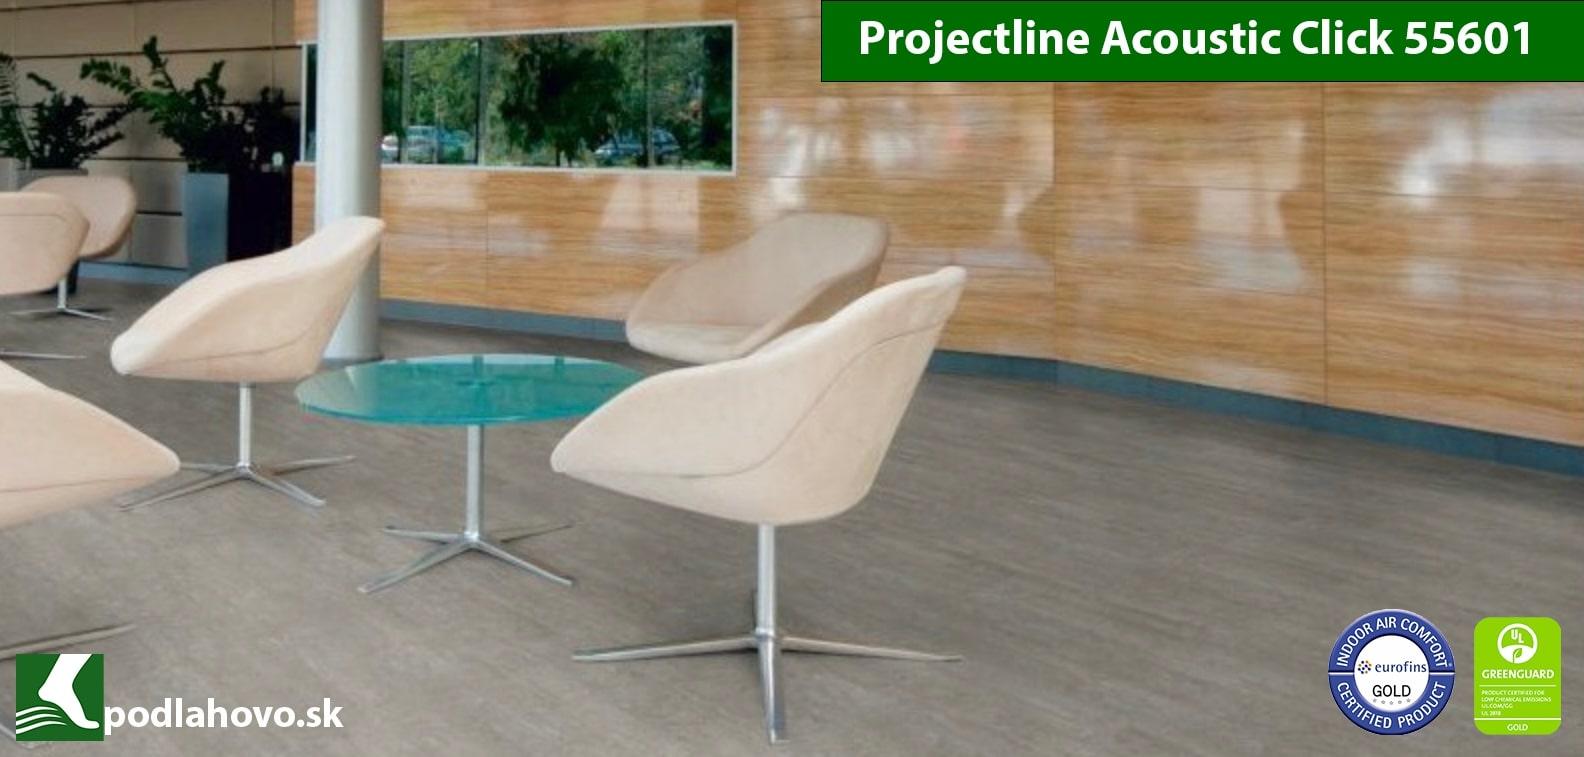 Projectline Acoustioc Clic 55601 4V Cement Stripe Svetlý - BIO vinylová podlaha